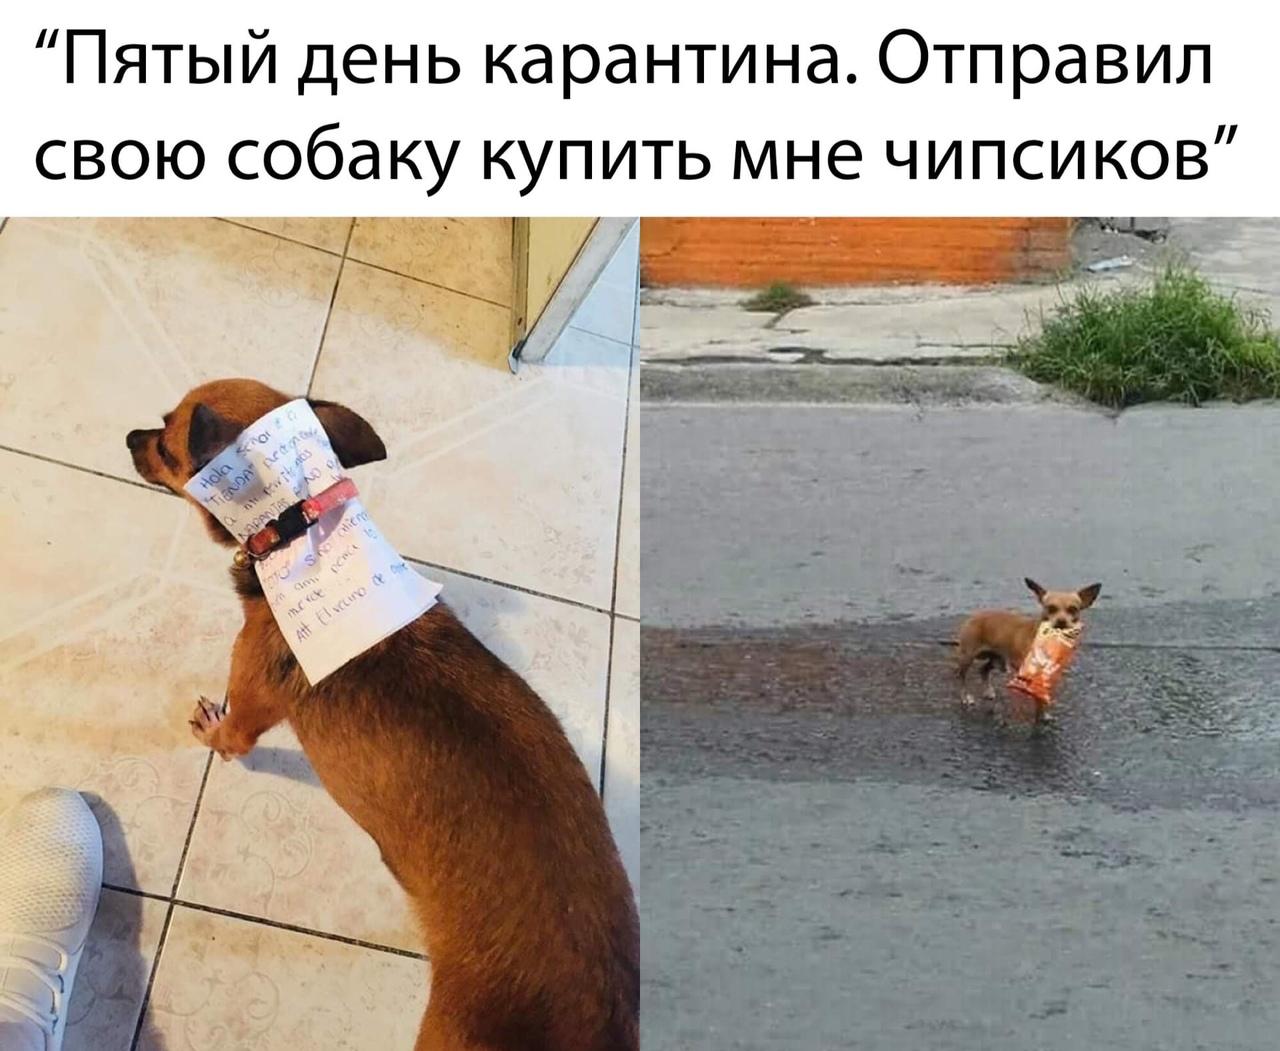 FWBSZhISRAo.jpg